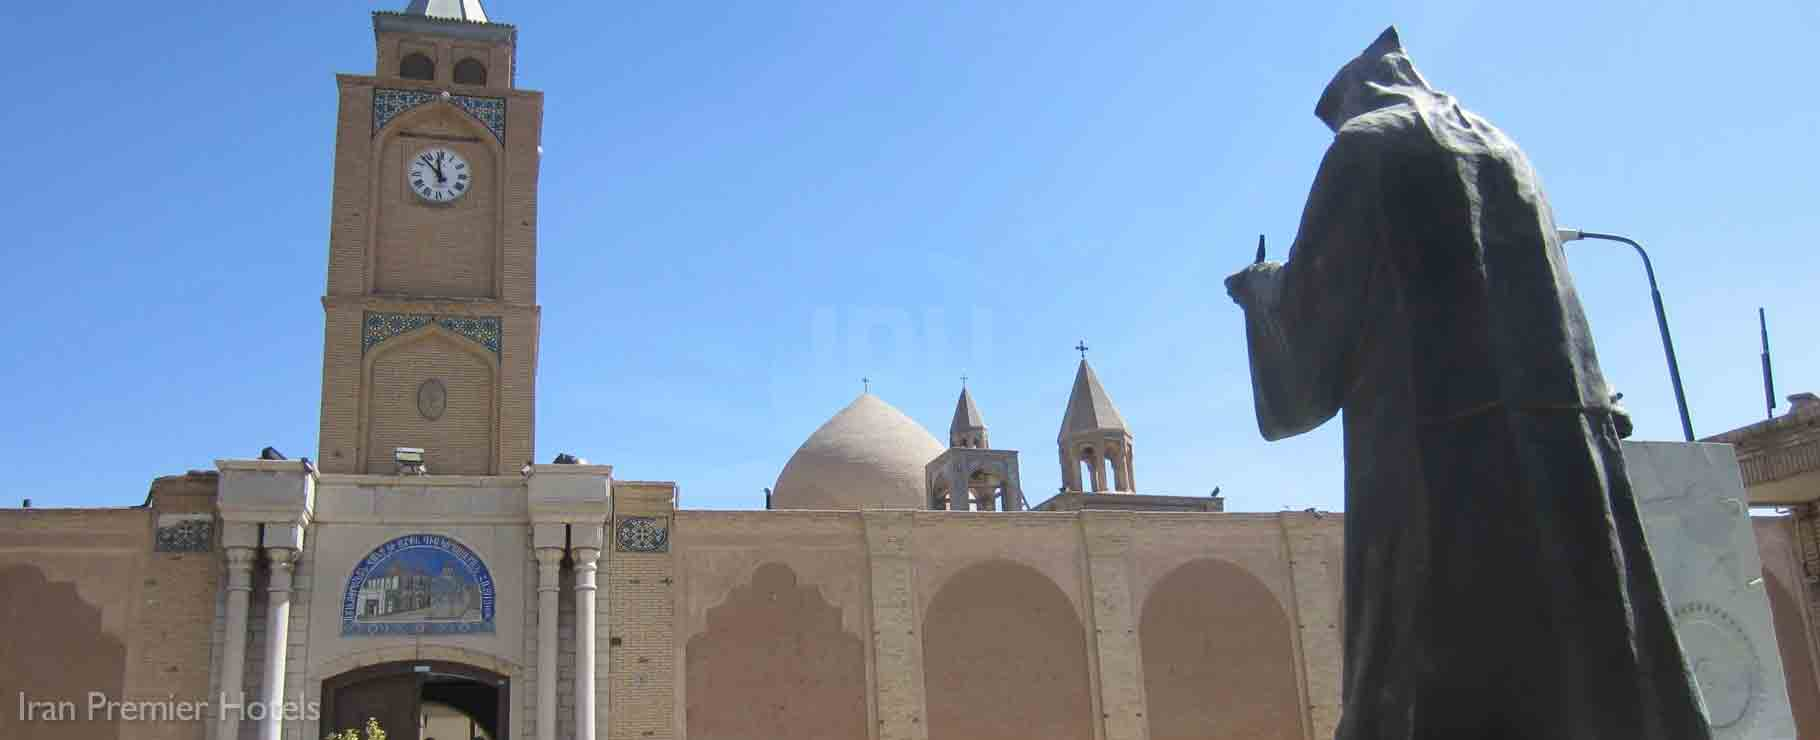 banner_Al_reza